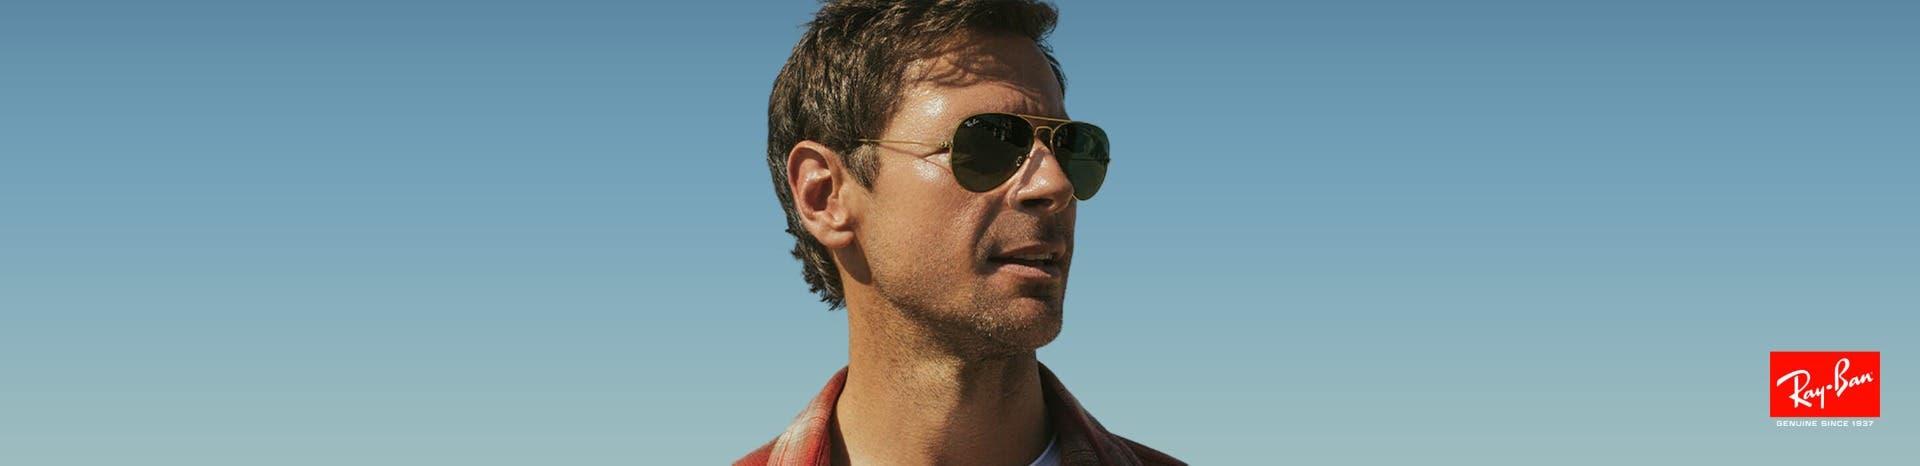 ray-ban men's sunglasses, prescription sunglasses